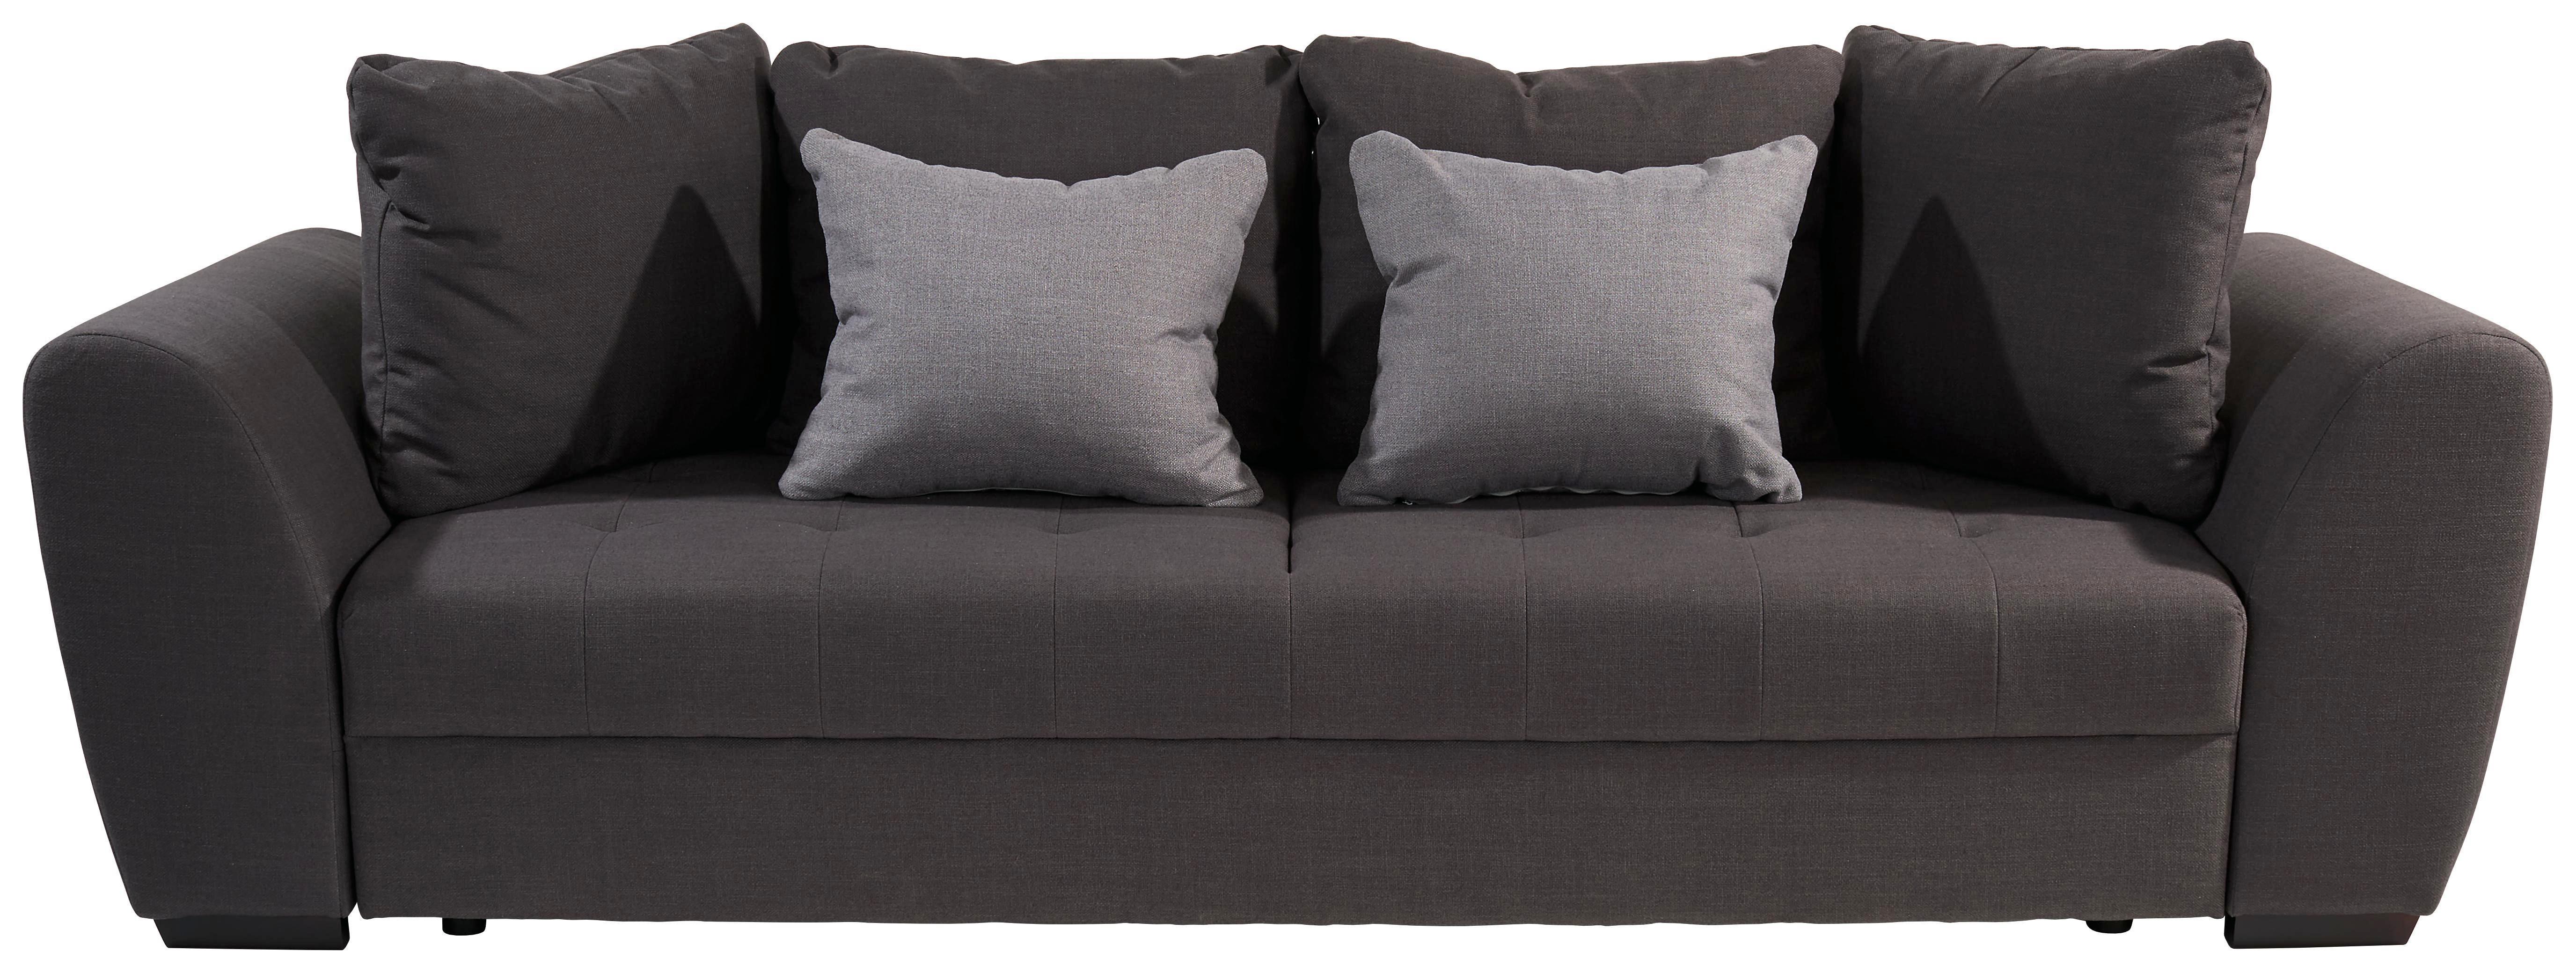 Bigsofa Florenz   Anthrazit/Hellgrau, ROMANTIK / LANDHAUS, Textil (258/95